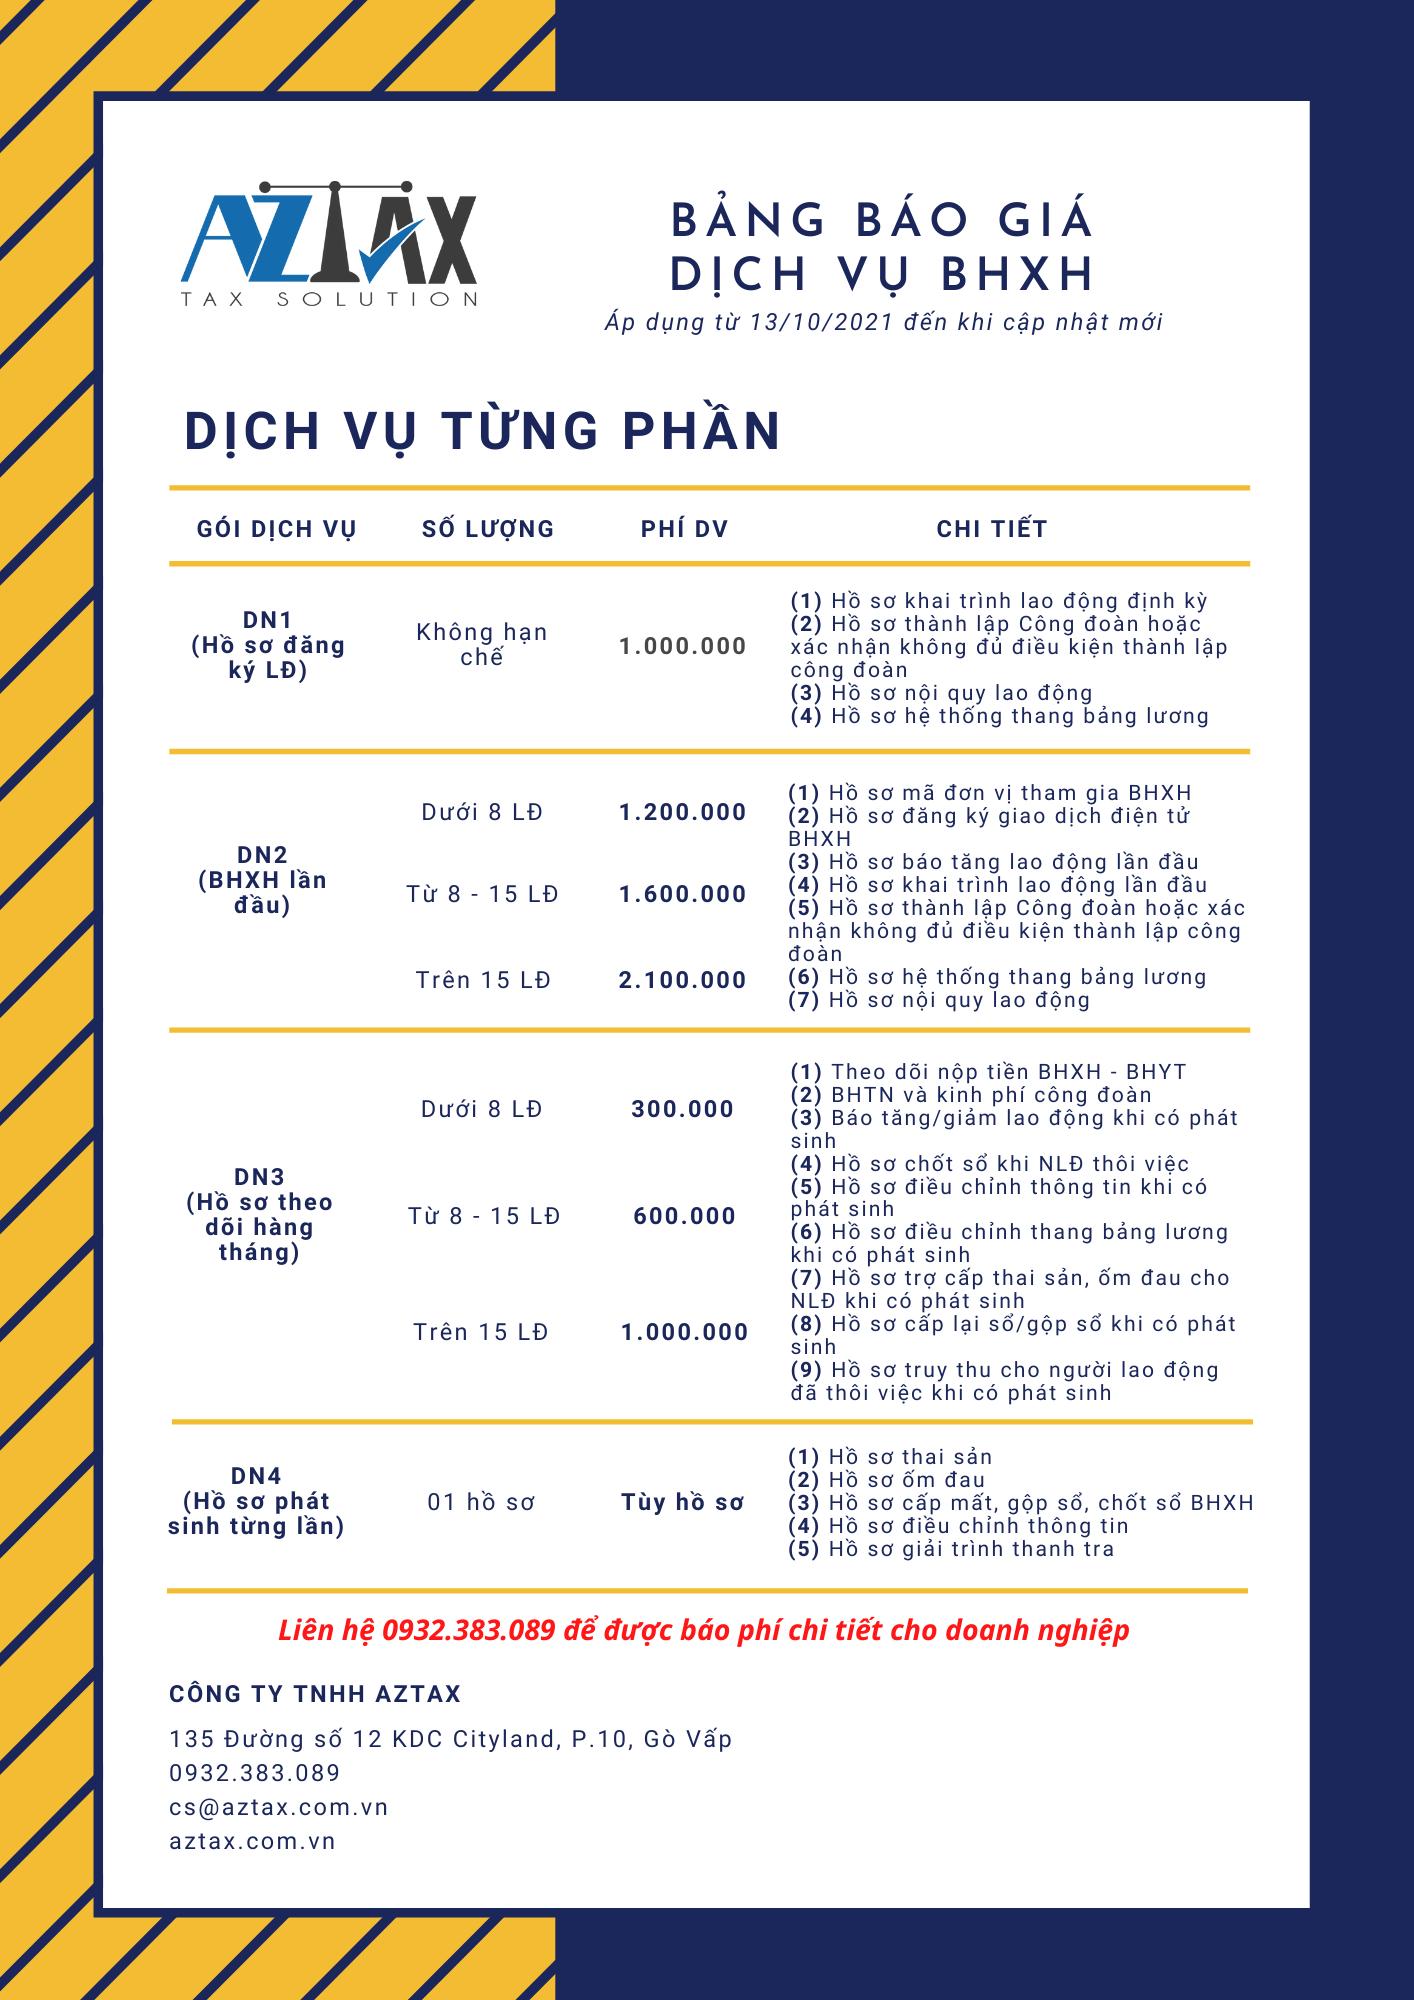 Bảng báo giá dịch vụ BHXH từng phần